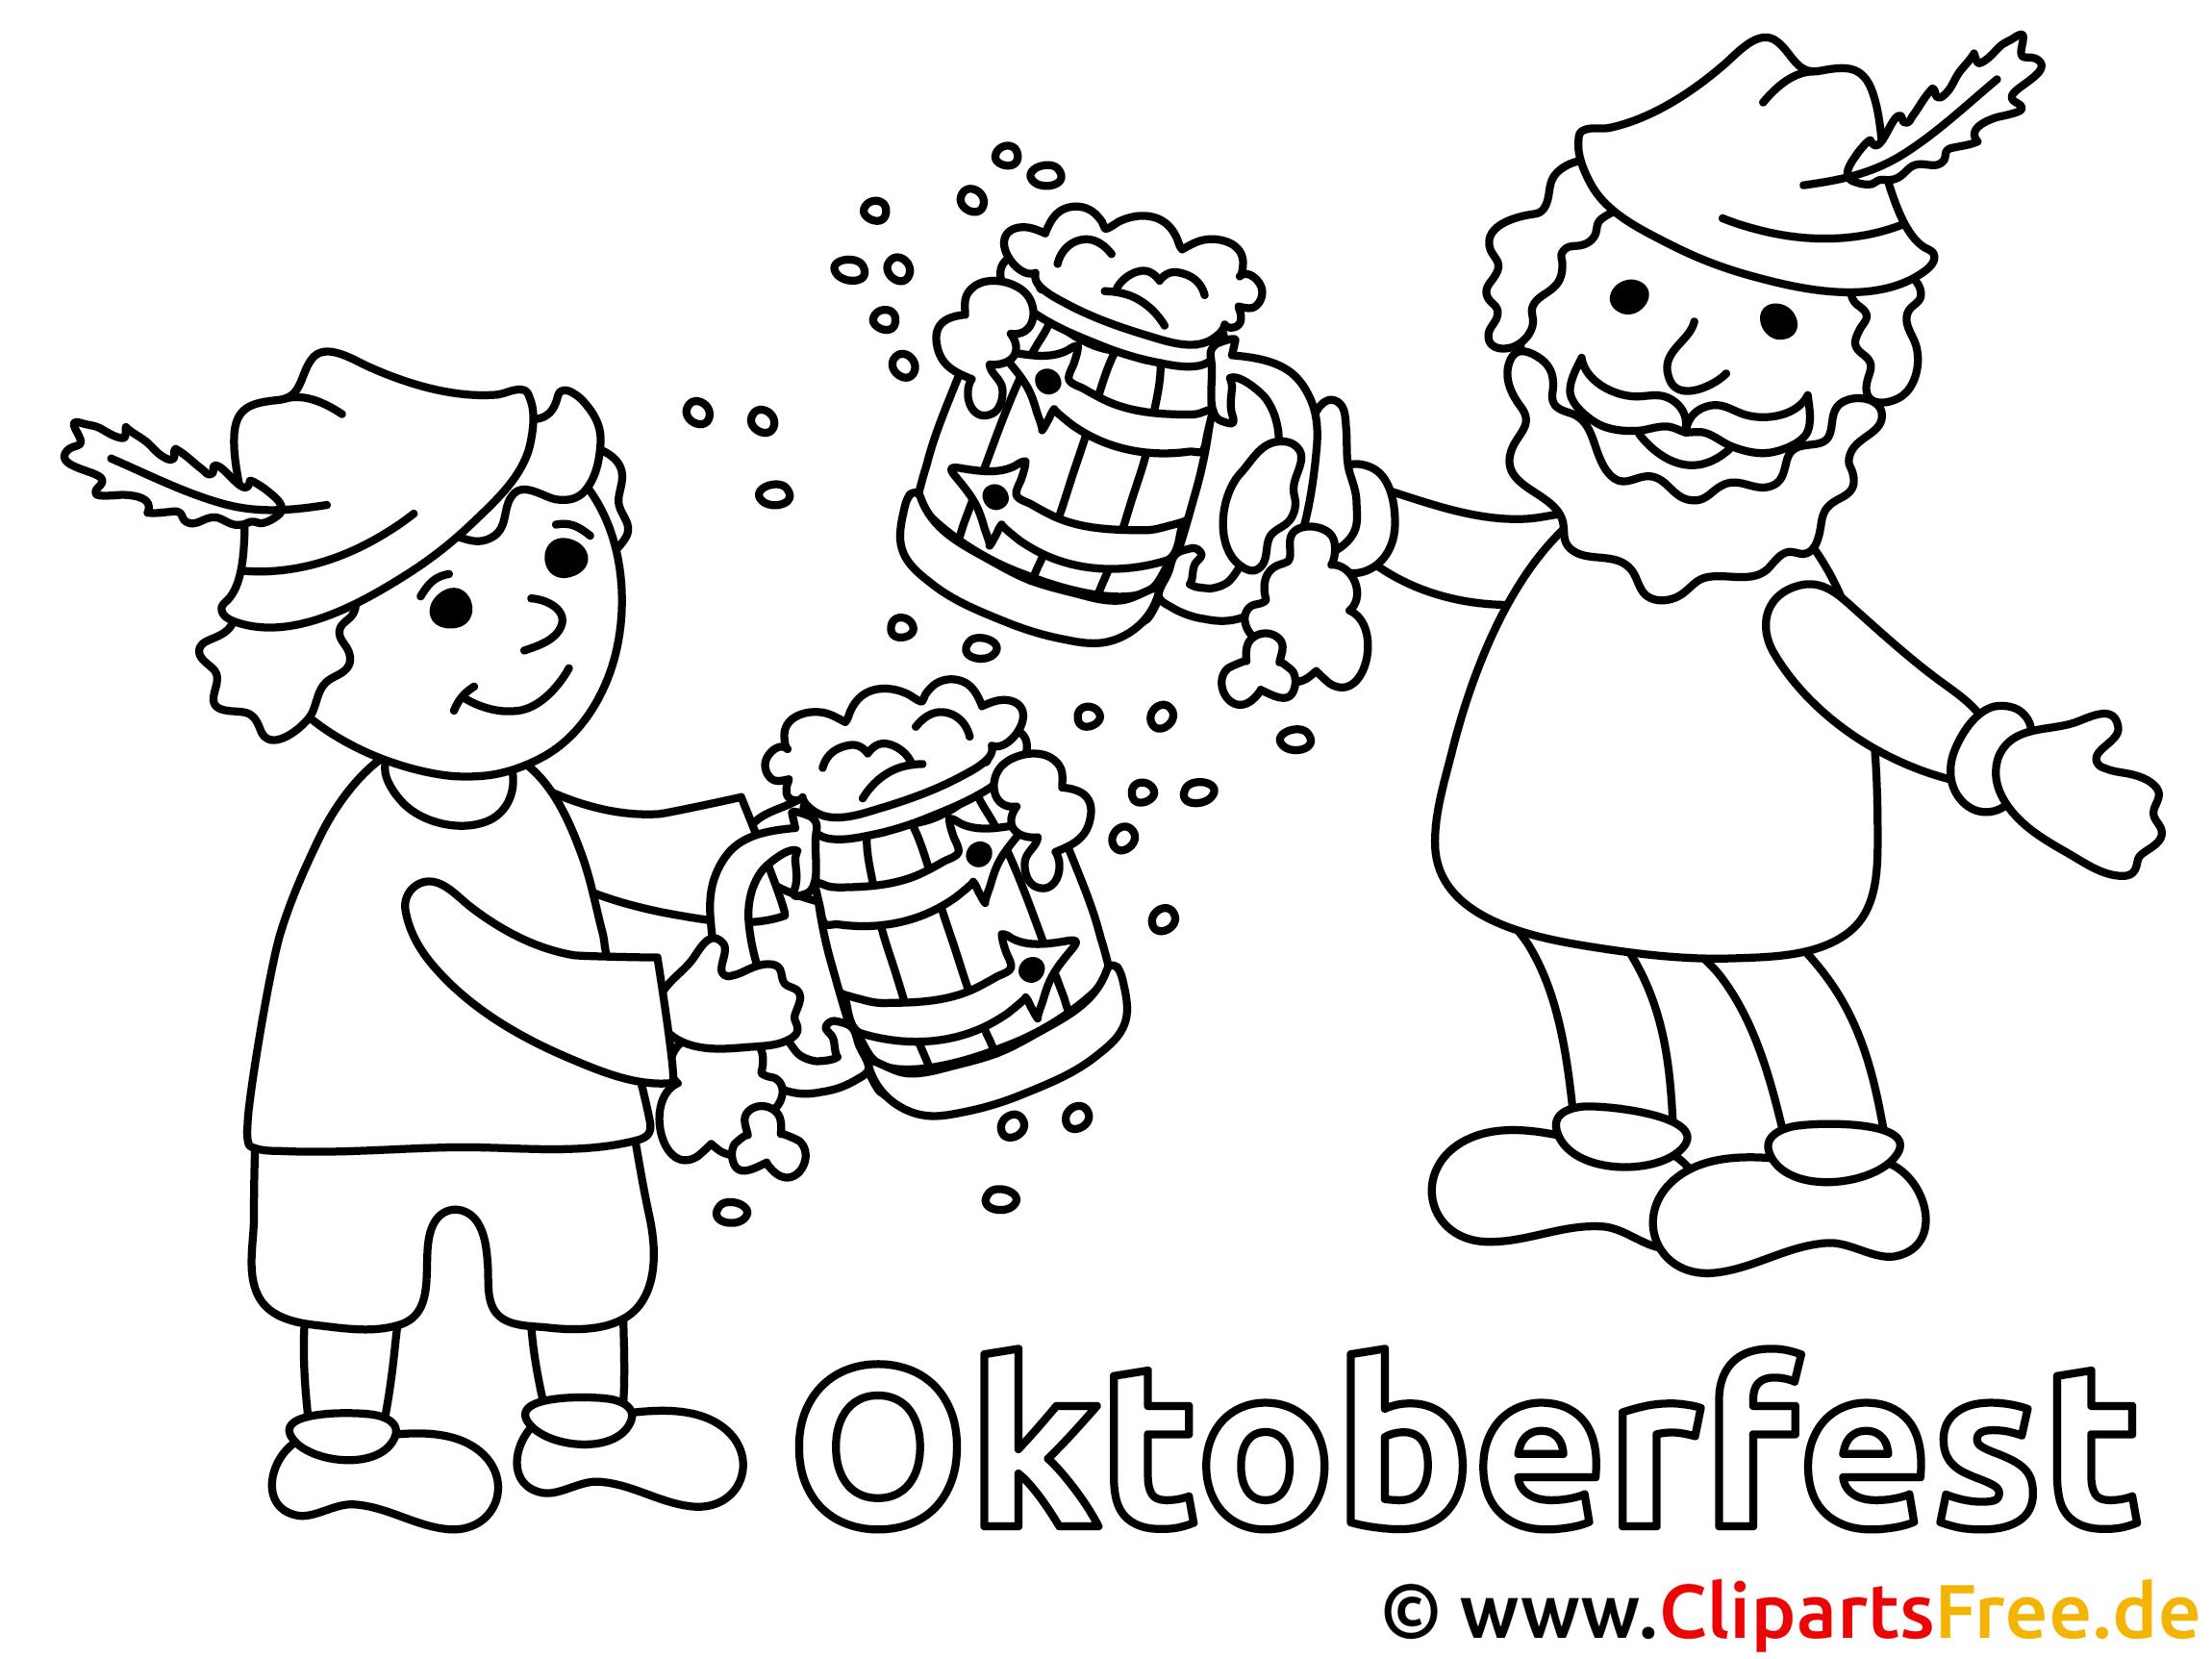 Malvorlagen zum Oktoberfest